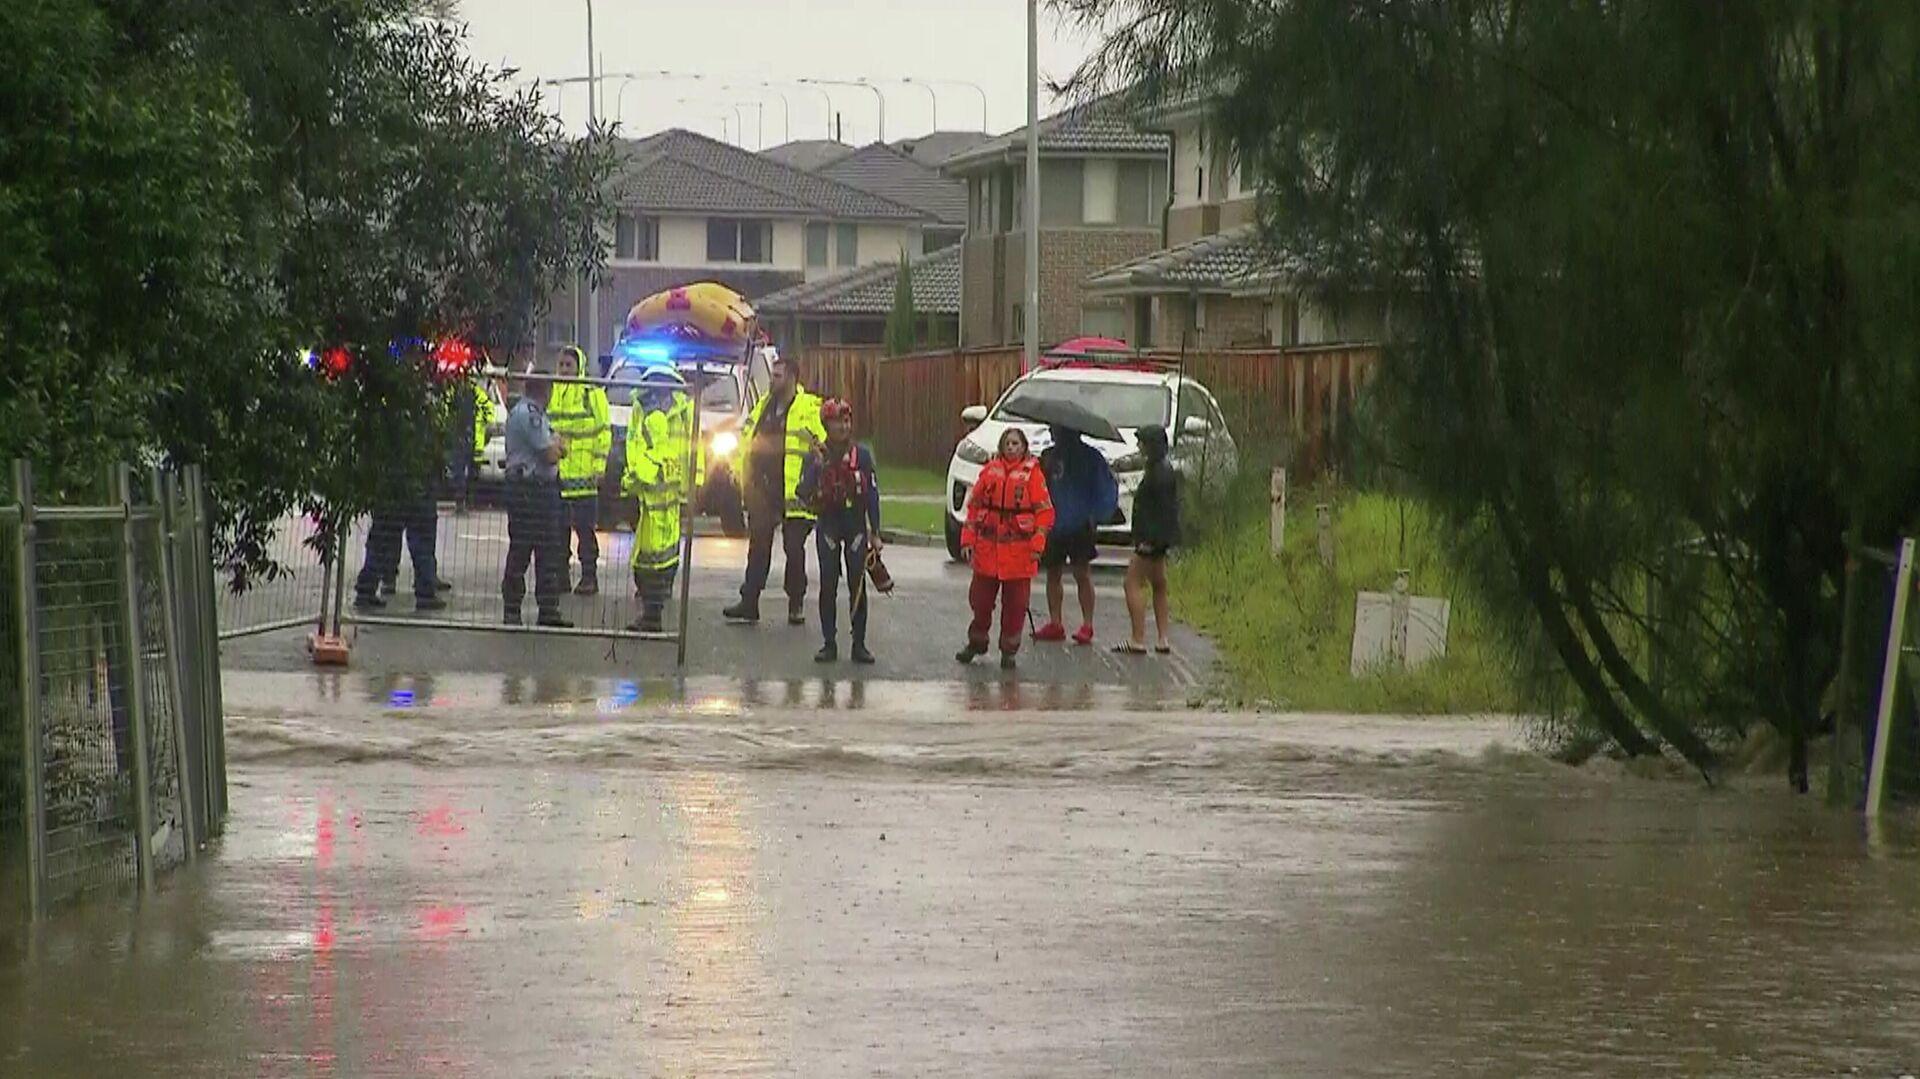 Los equipos de rescate operando en la zona de inundación, el 20 de marzo de 2021, Australia  - Sputnik Mundo, 1920, 20.03.2021